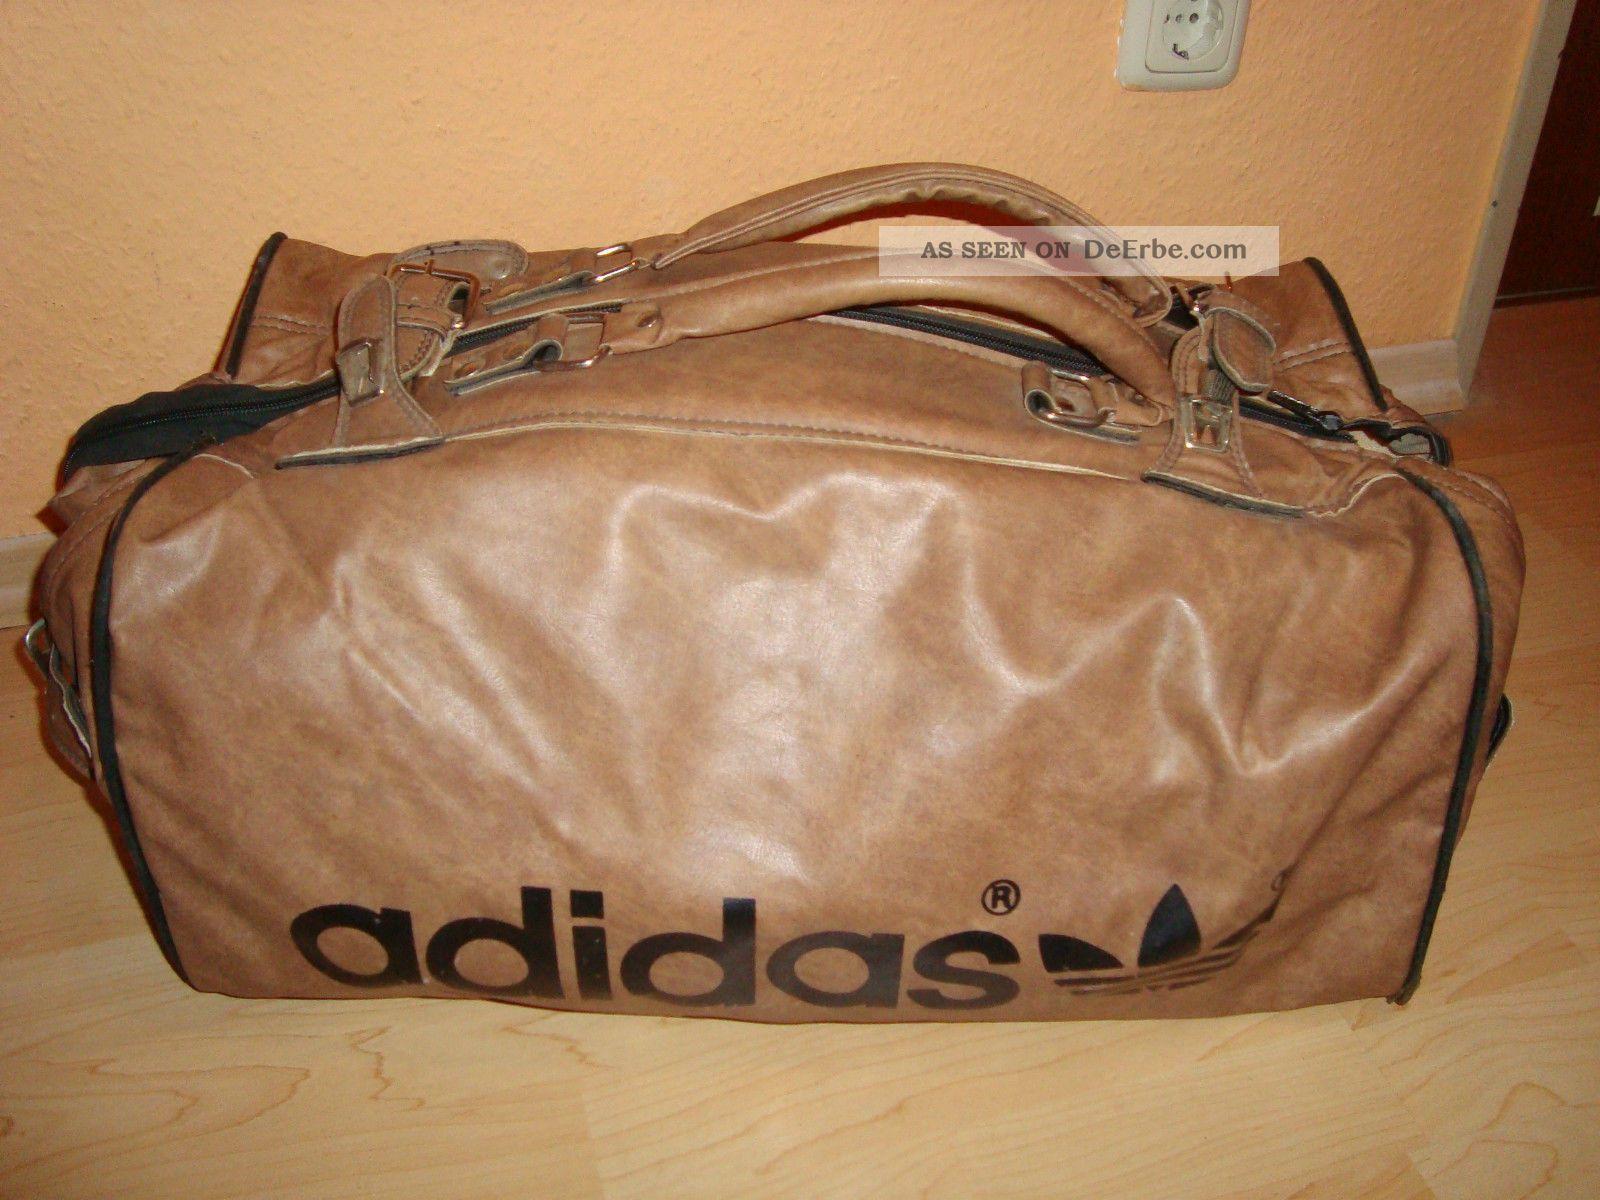 5f5b9a04ee46a 70er Jahre - Adidas Sporttasche - Vintage°°°°°°°